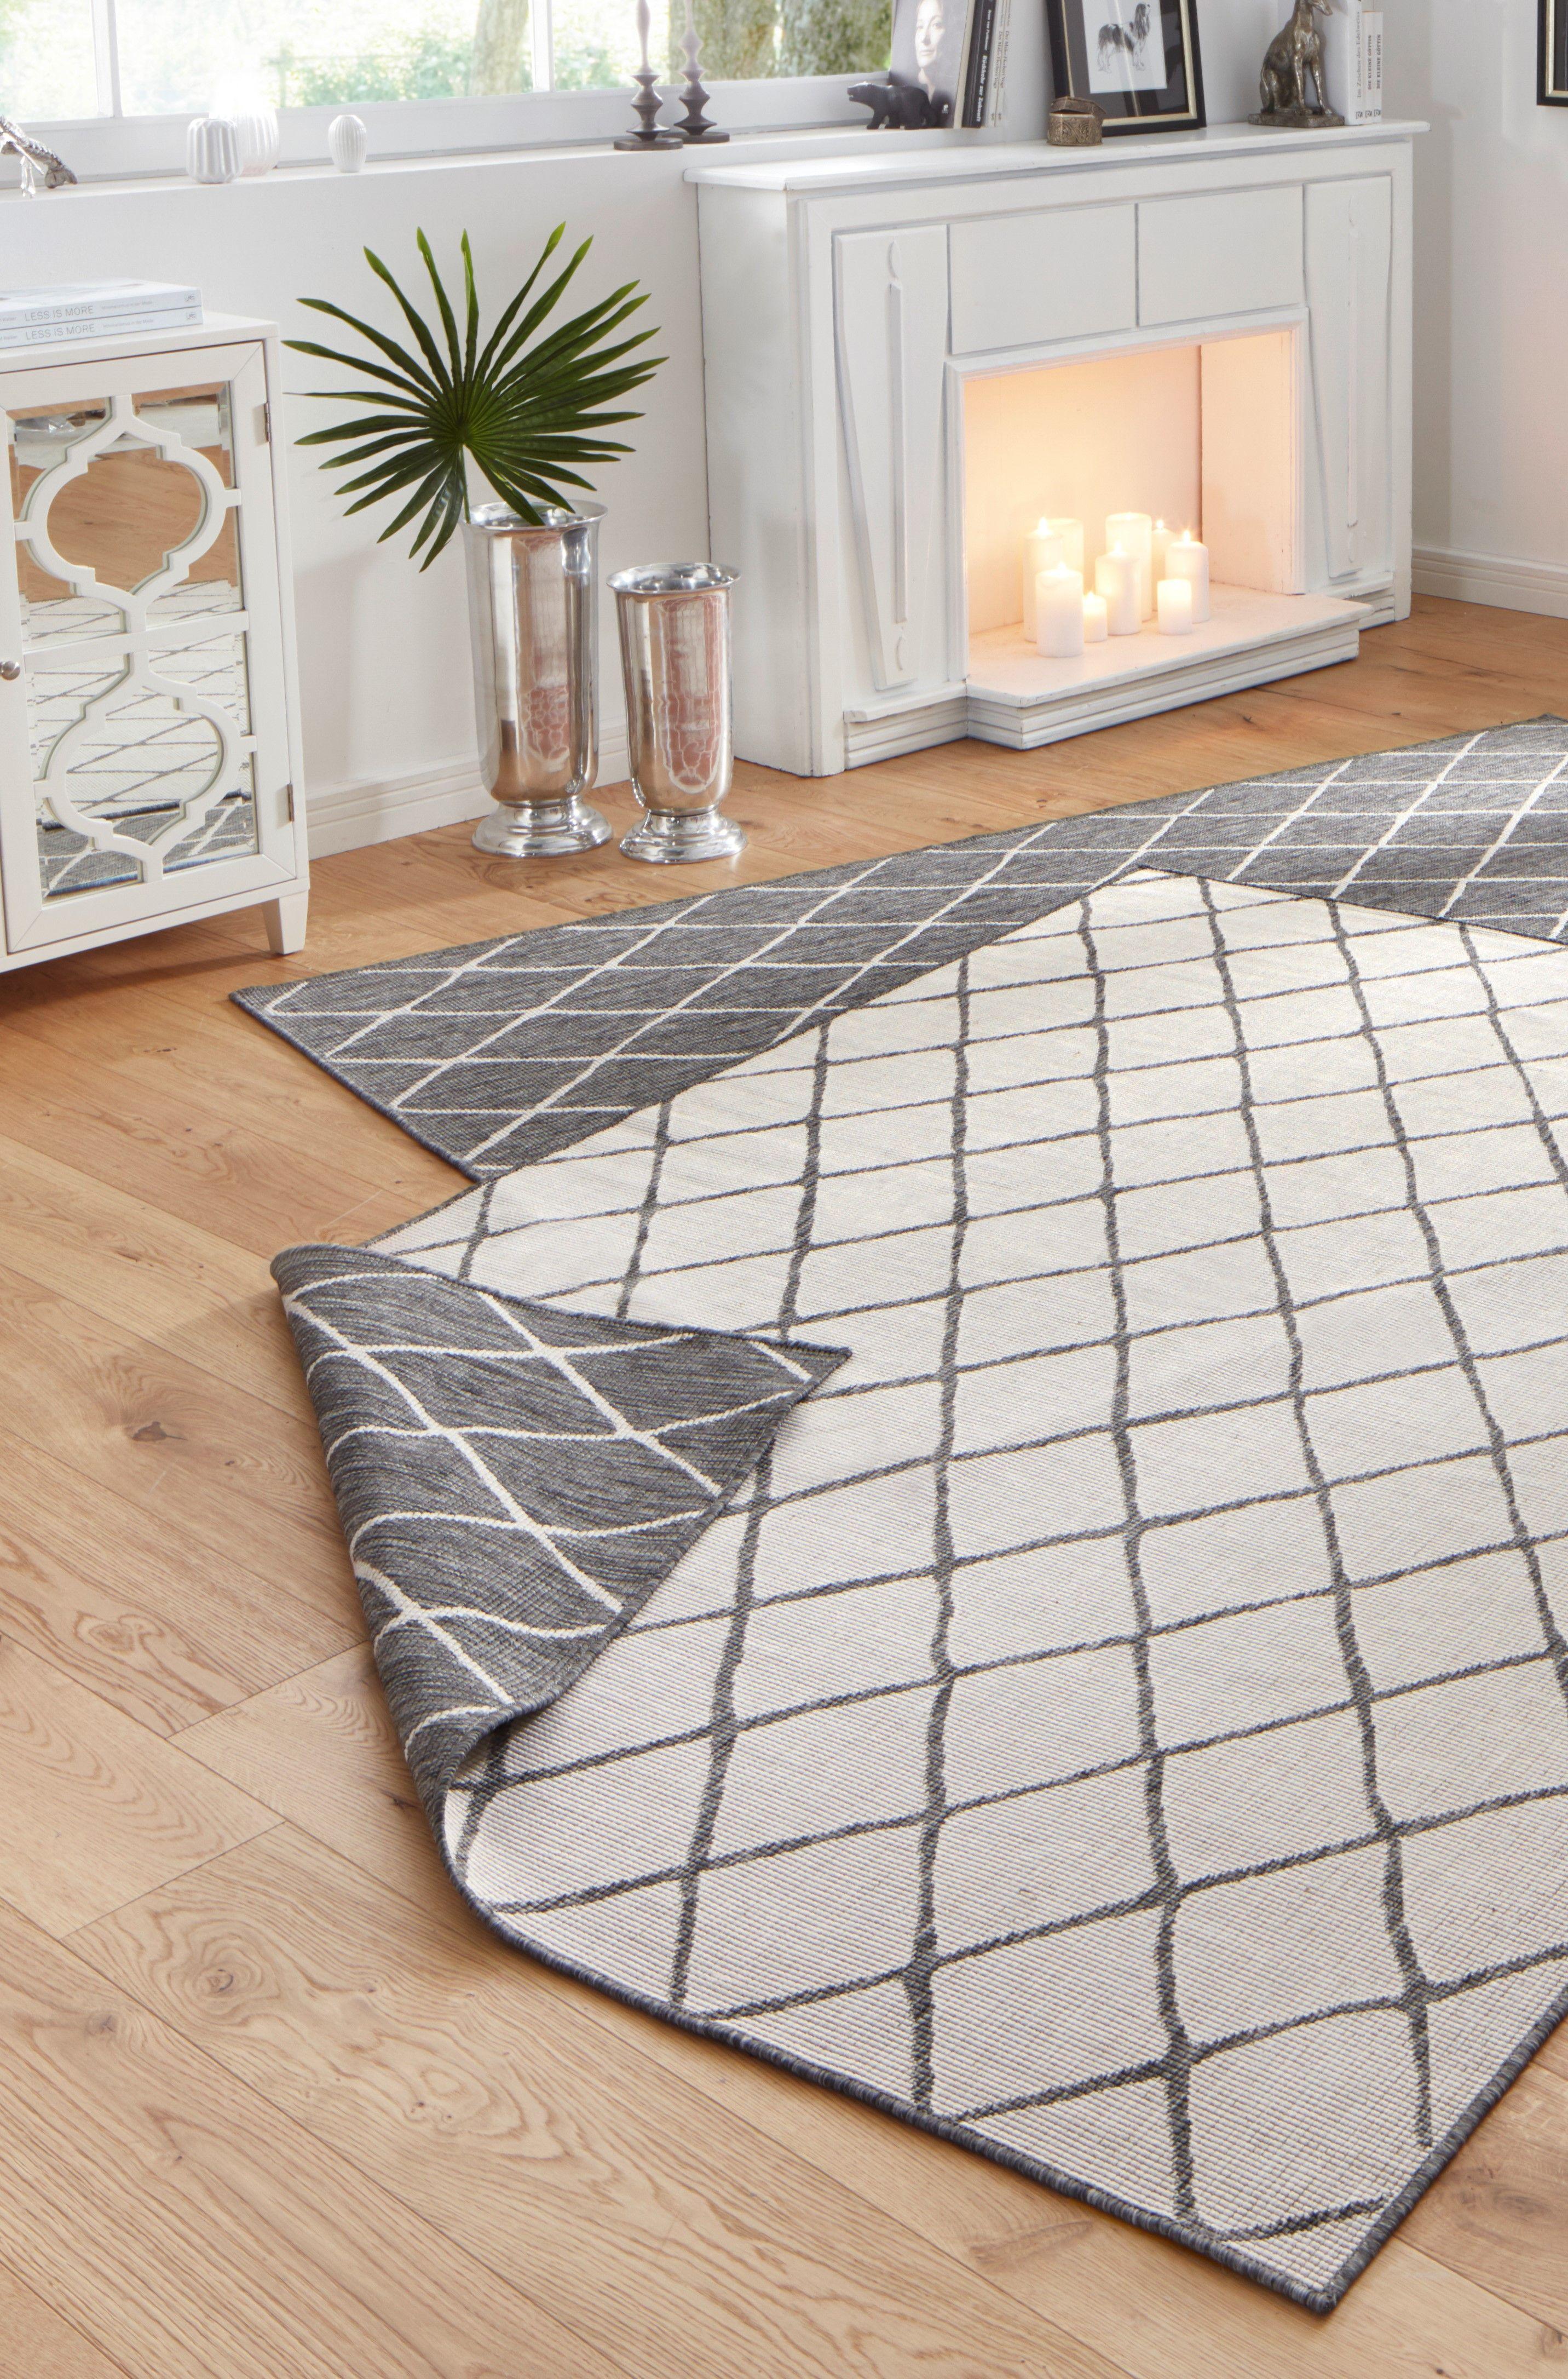 Malaga Light Grey Reversible Rug Grey And White Rug White Rug Living Room White Rug